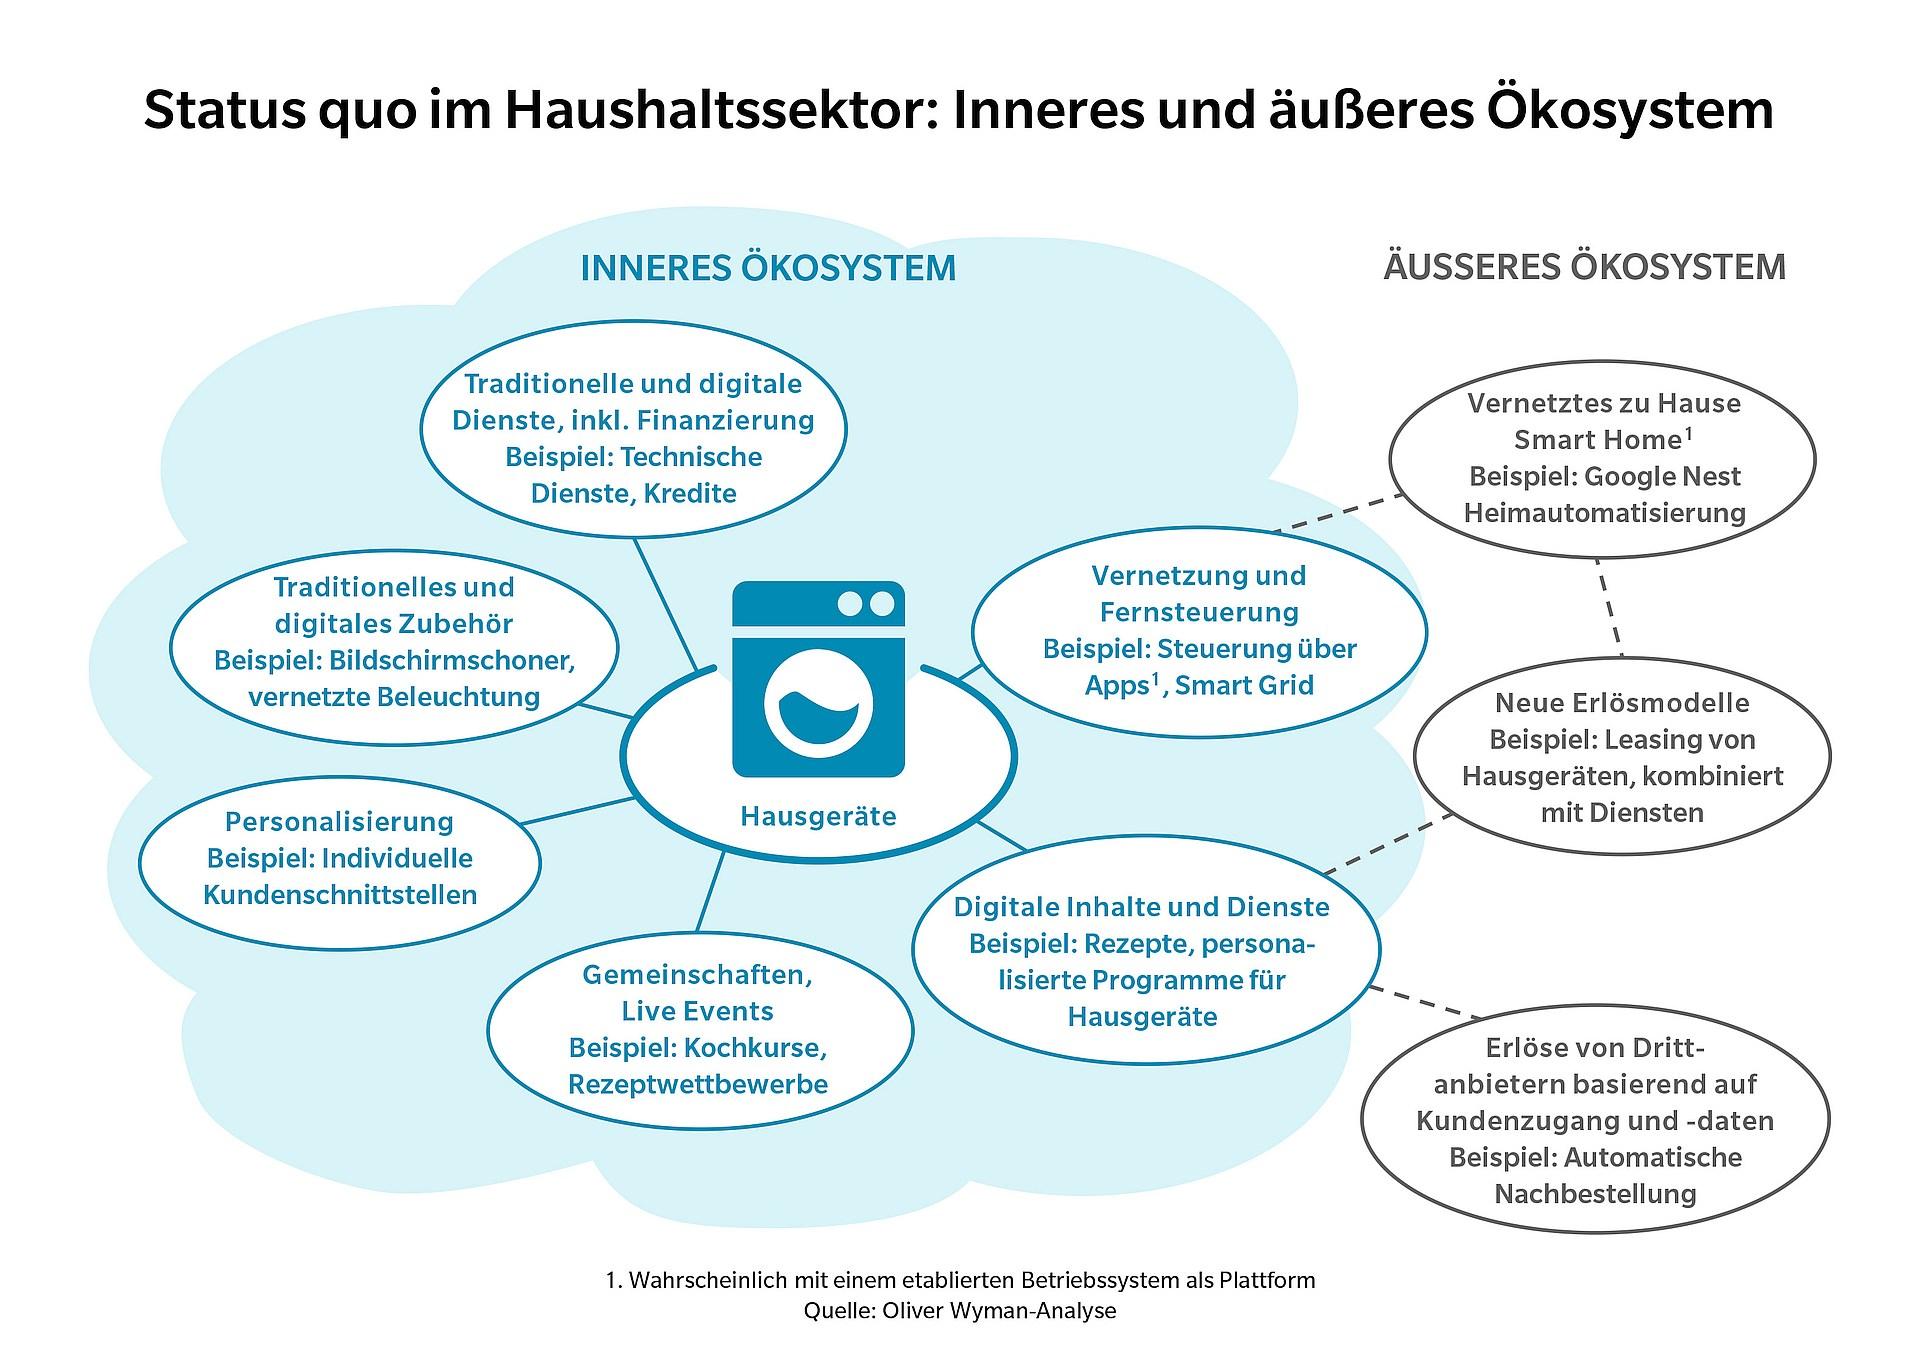 grafik-oliver-wyman-oekosystem-haushalt-hausgeraete